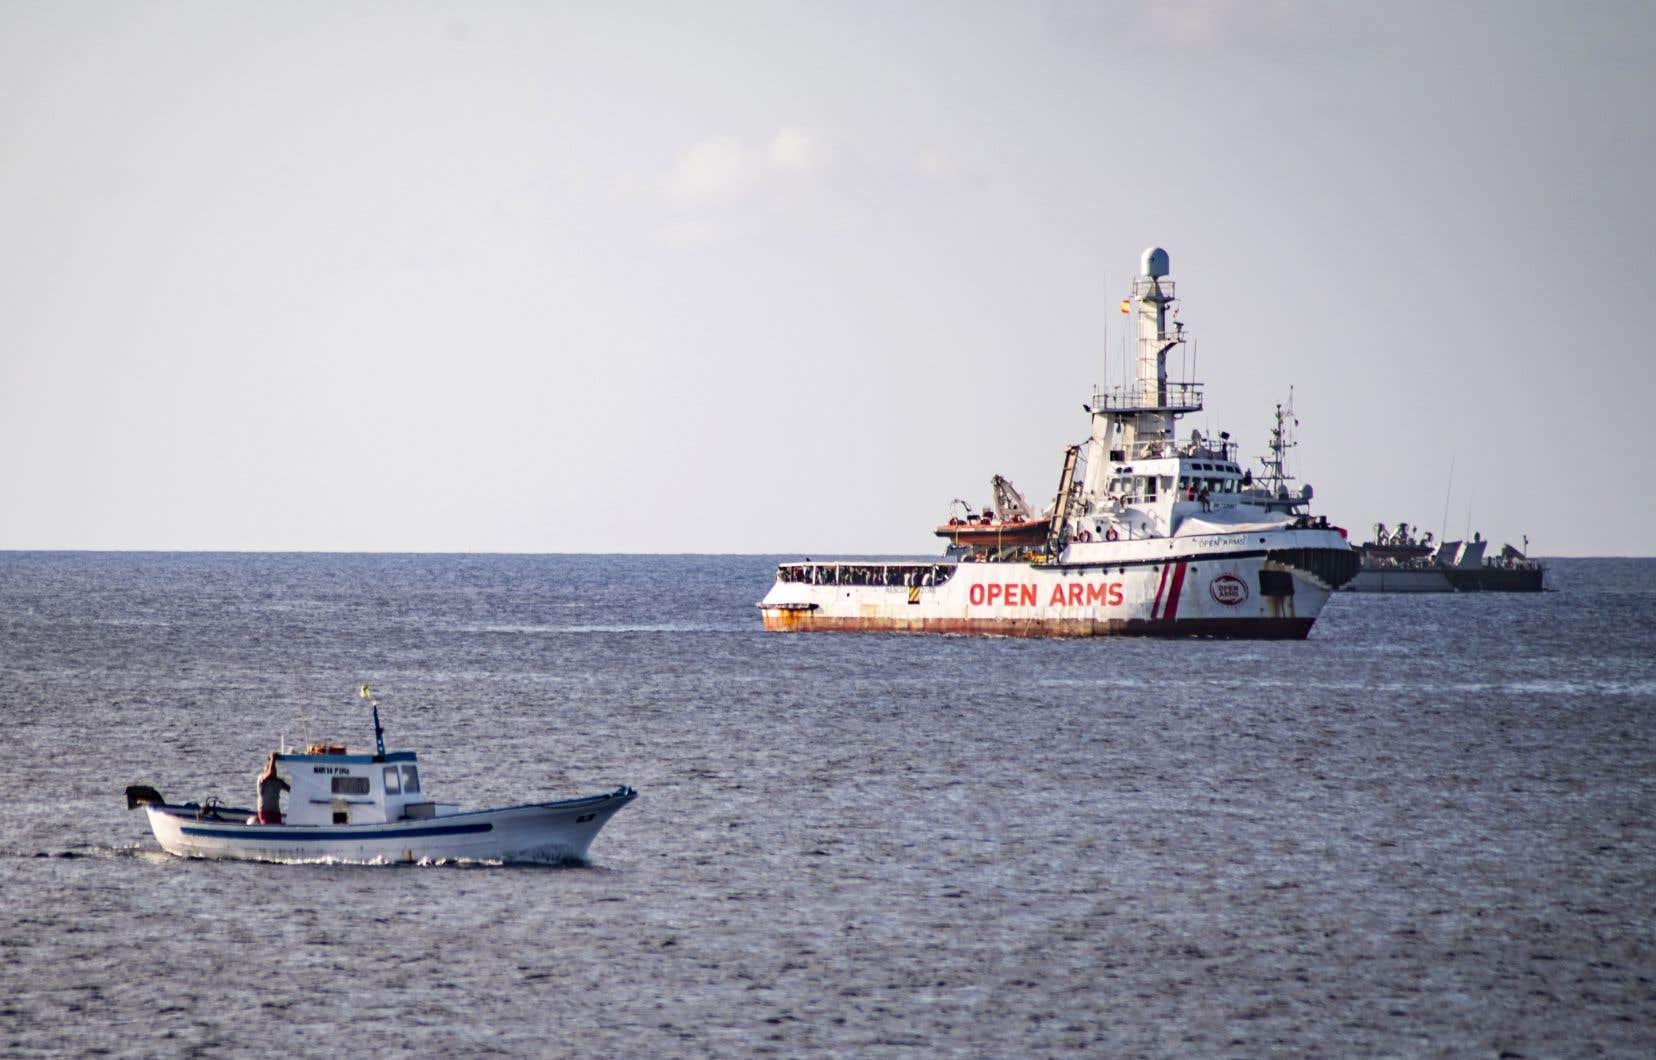 <p>Stationnés depuis jeudi à quelques centaines de mètres des côtes de Lampedusa, les migrants de l'Open Armss'étaient vus refuser l'accès de l'île par les autorités italiennes, bien que six pays européensse soient engagés à les accueillir.</p>